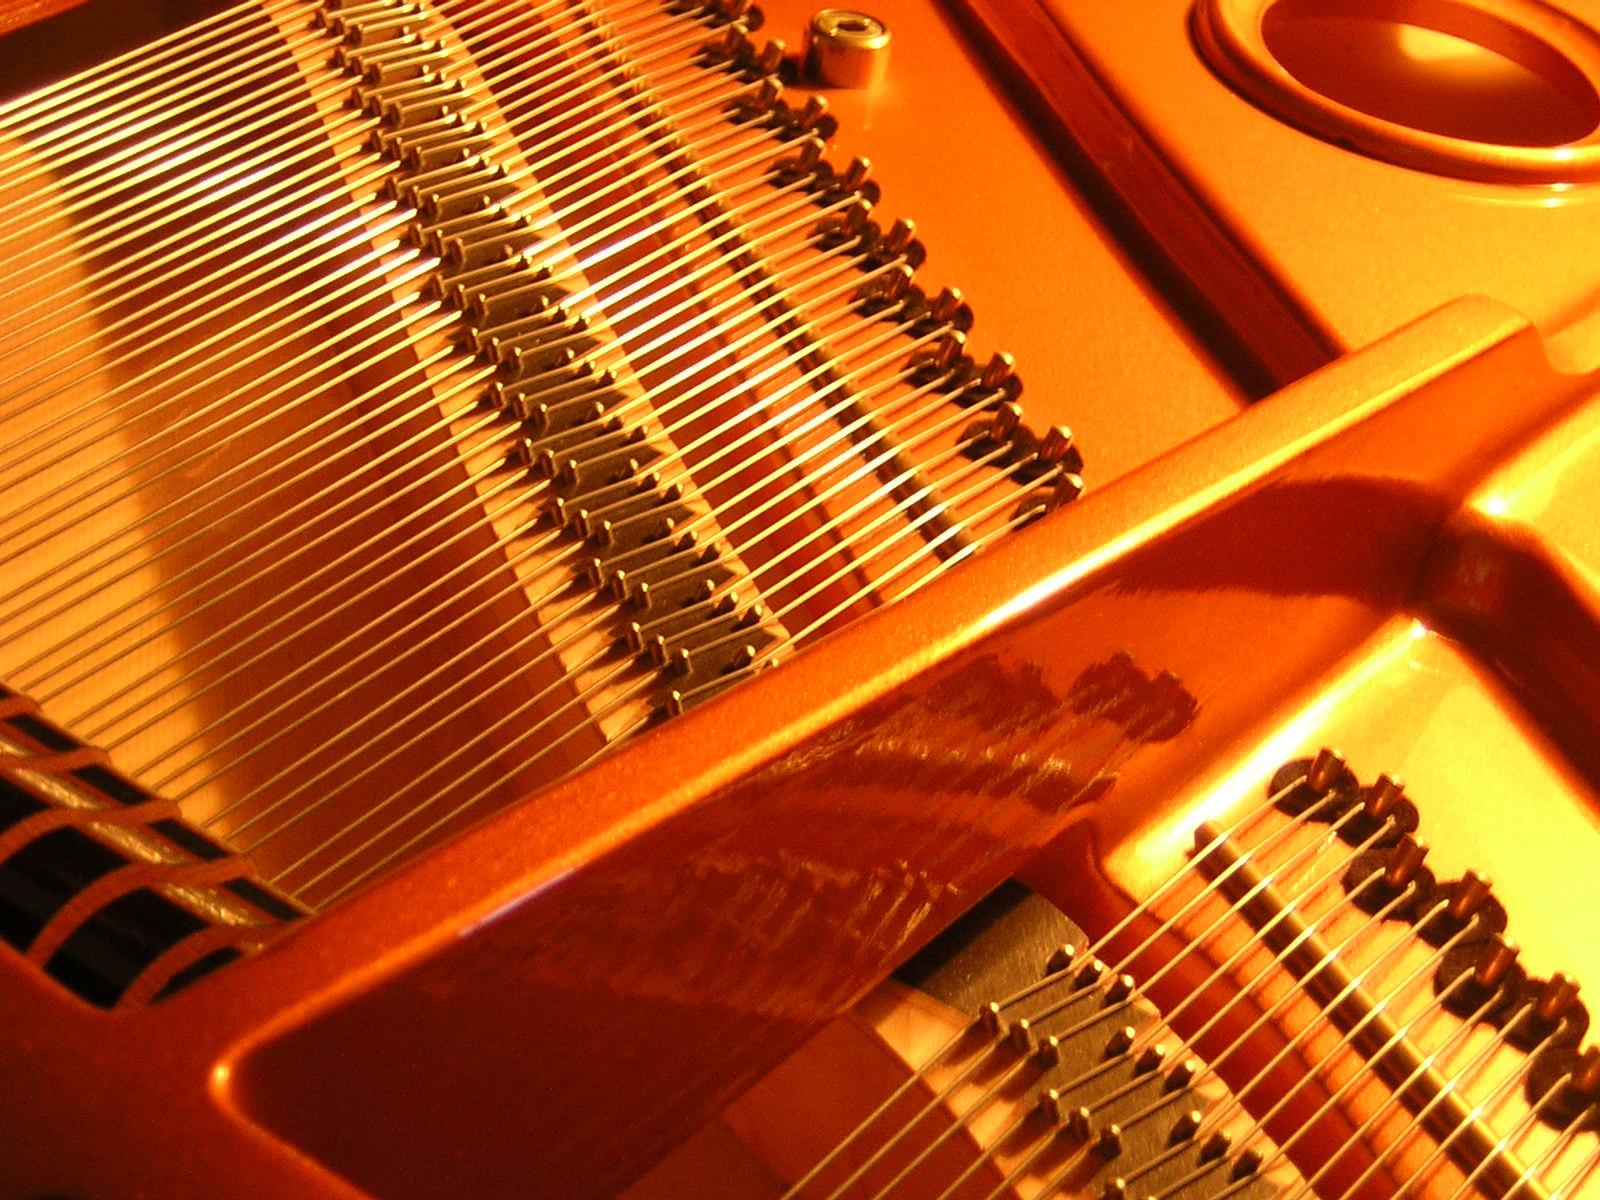 2015-11-05_1700_piano